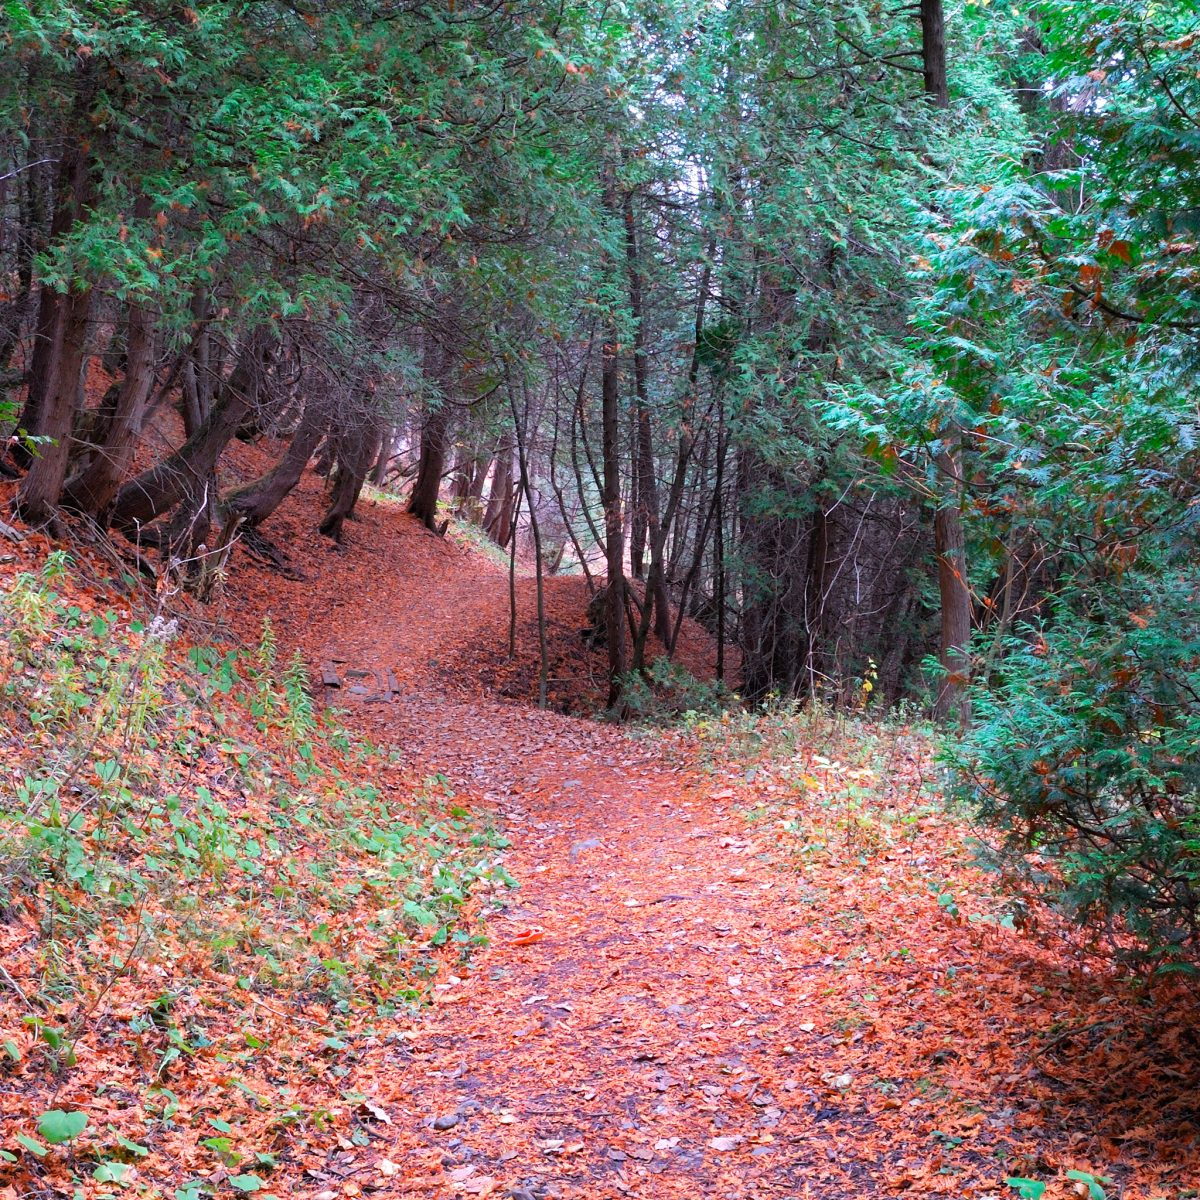 Randonnée en forêt (Photo: yvanbedardphotonature.com)